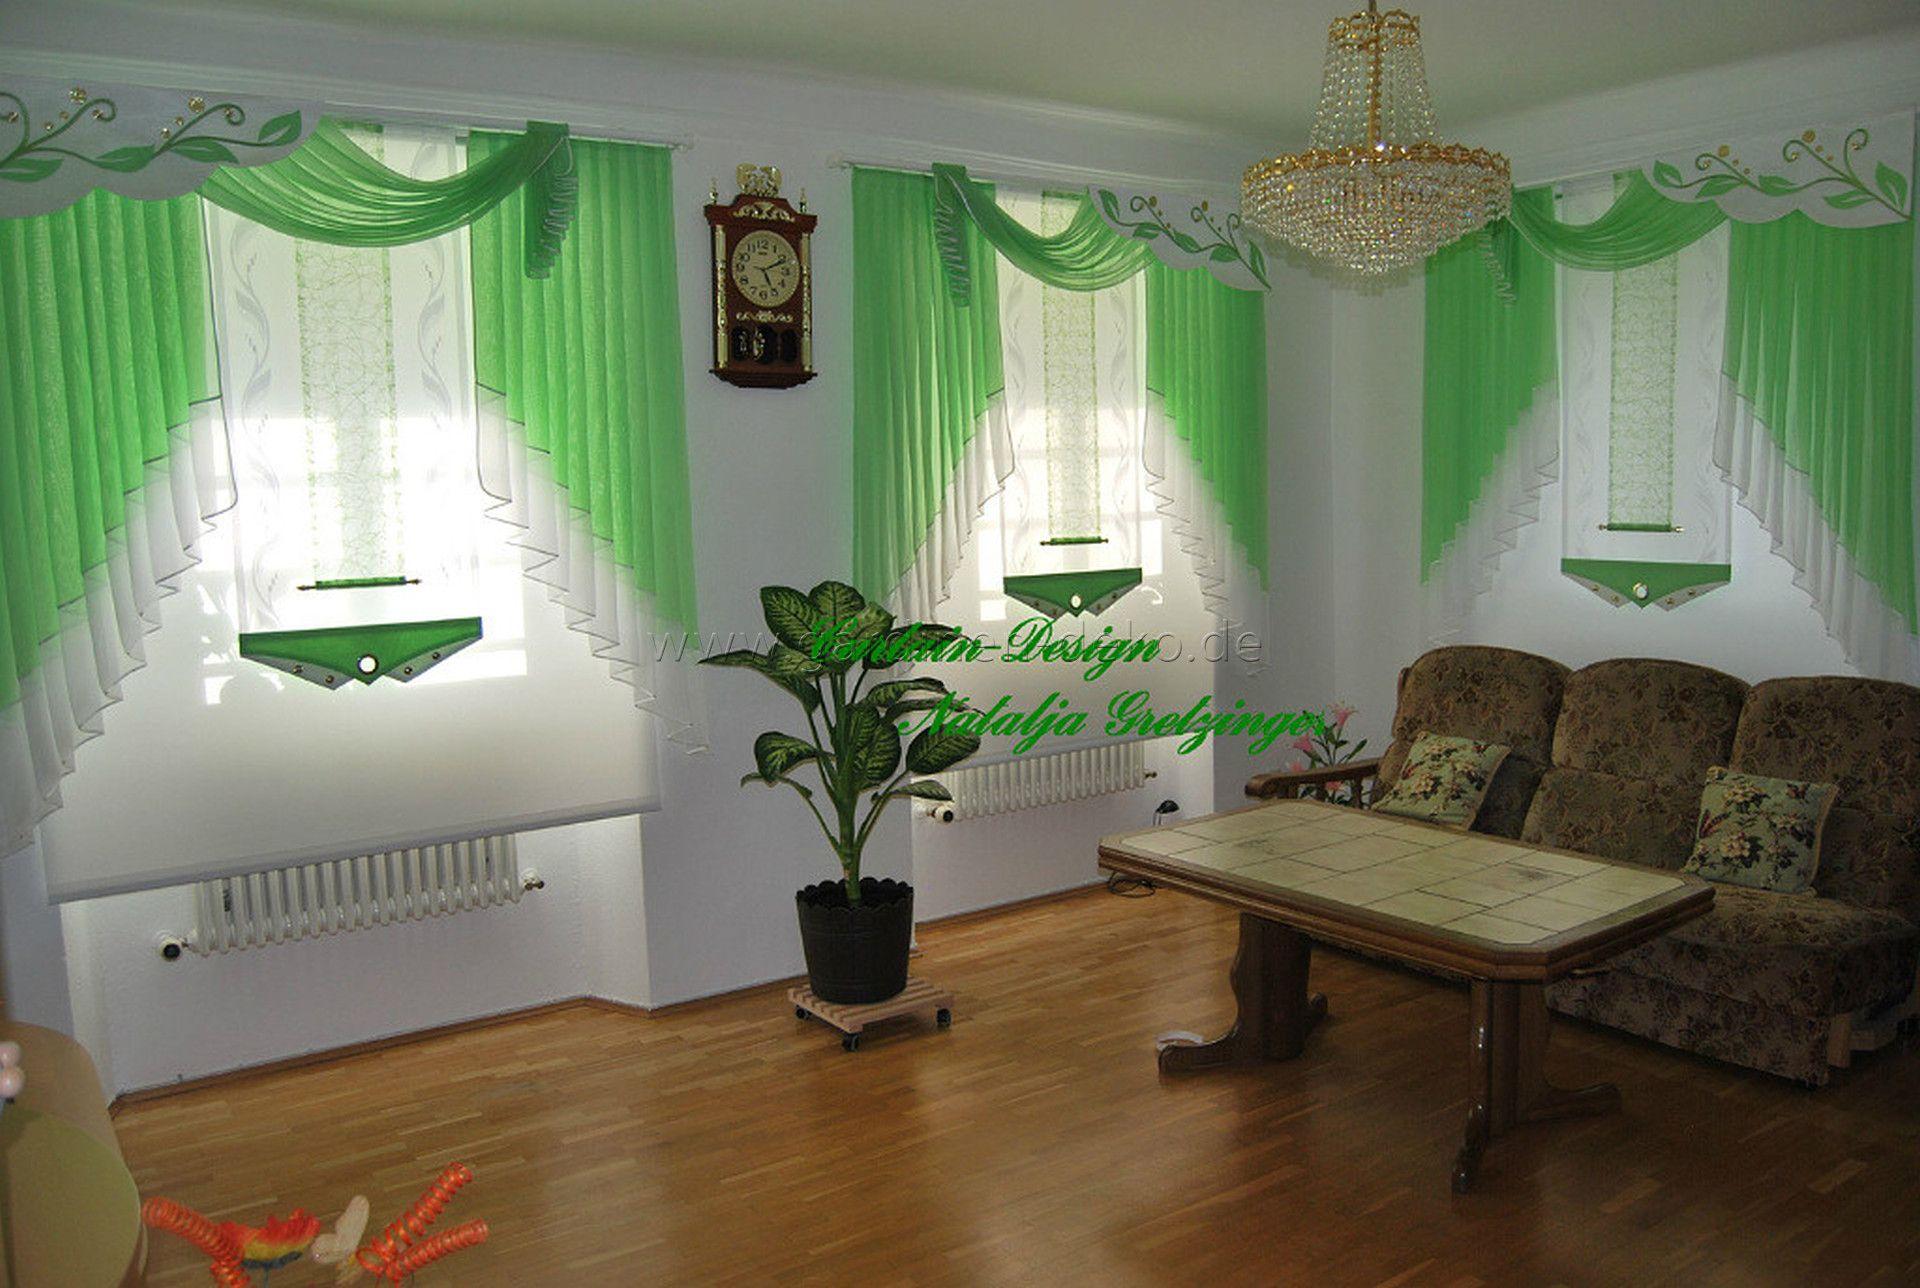 Gewellter Schräg-Schiebevorhang mit Schal in Grün / Wohnzimmer ...